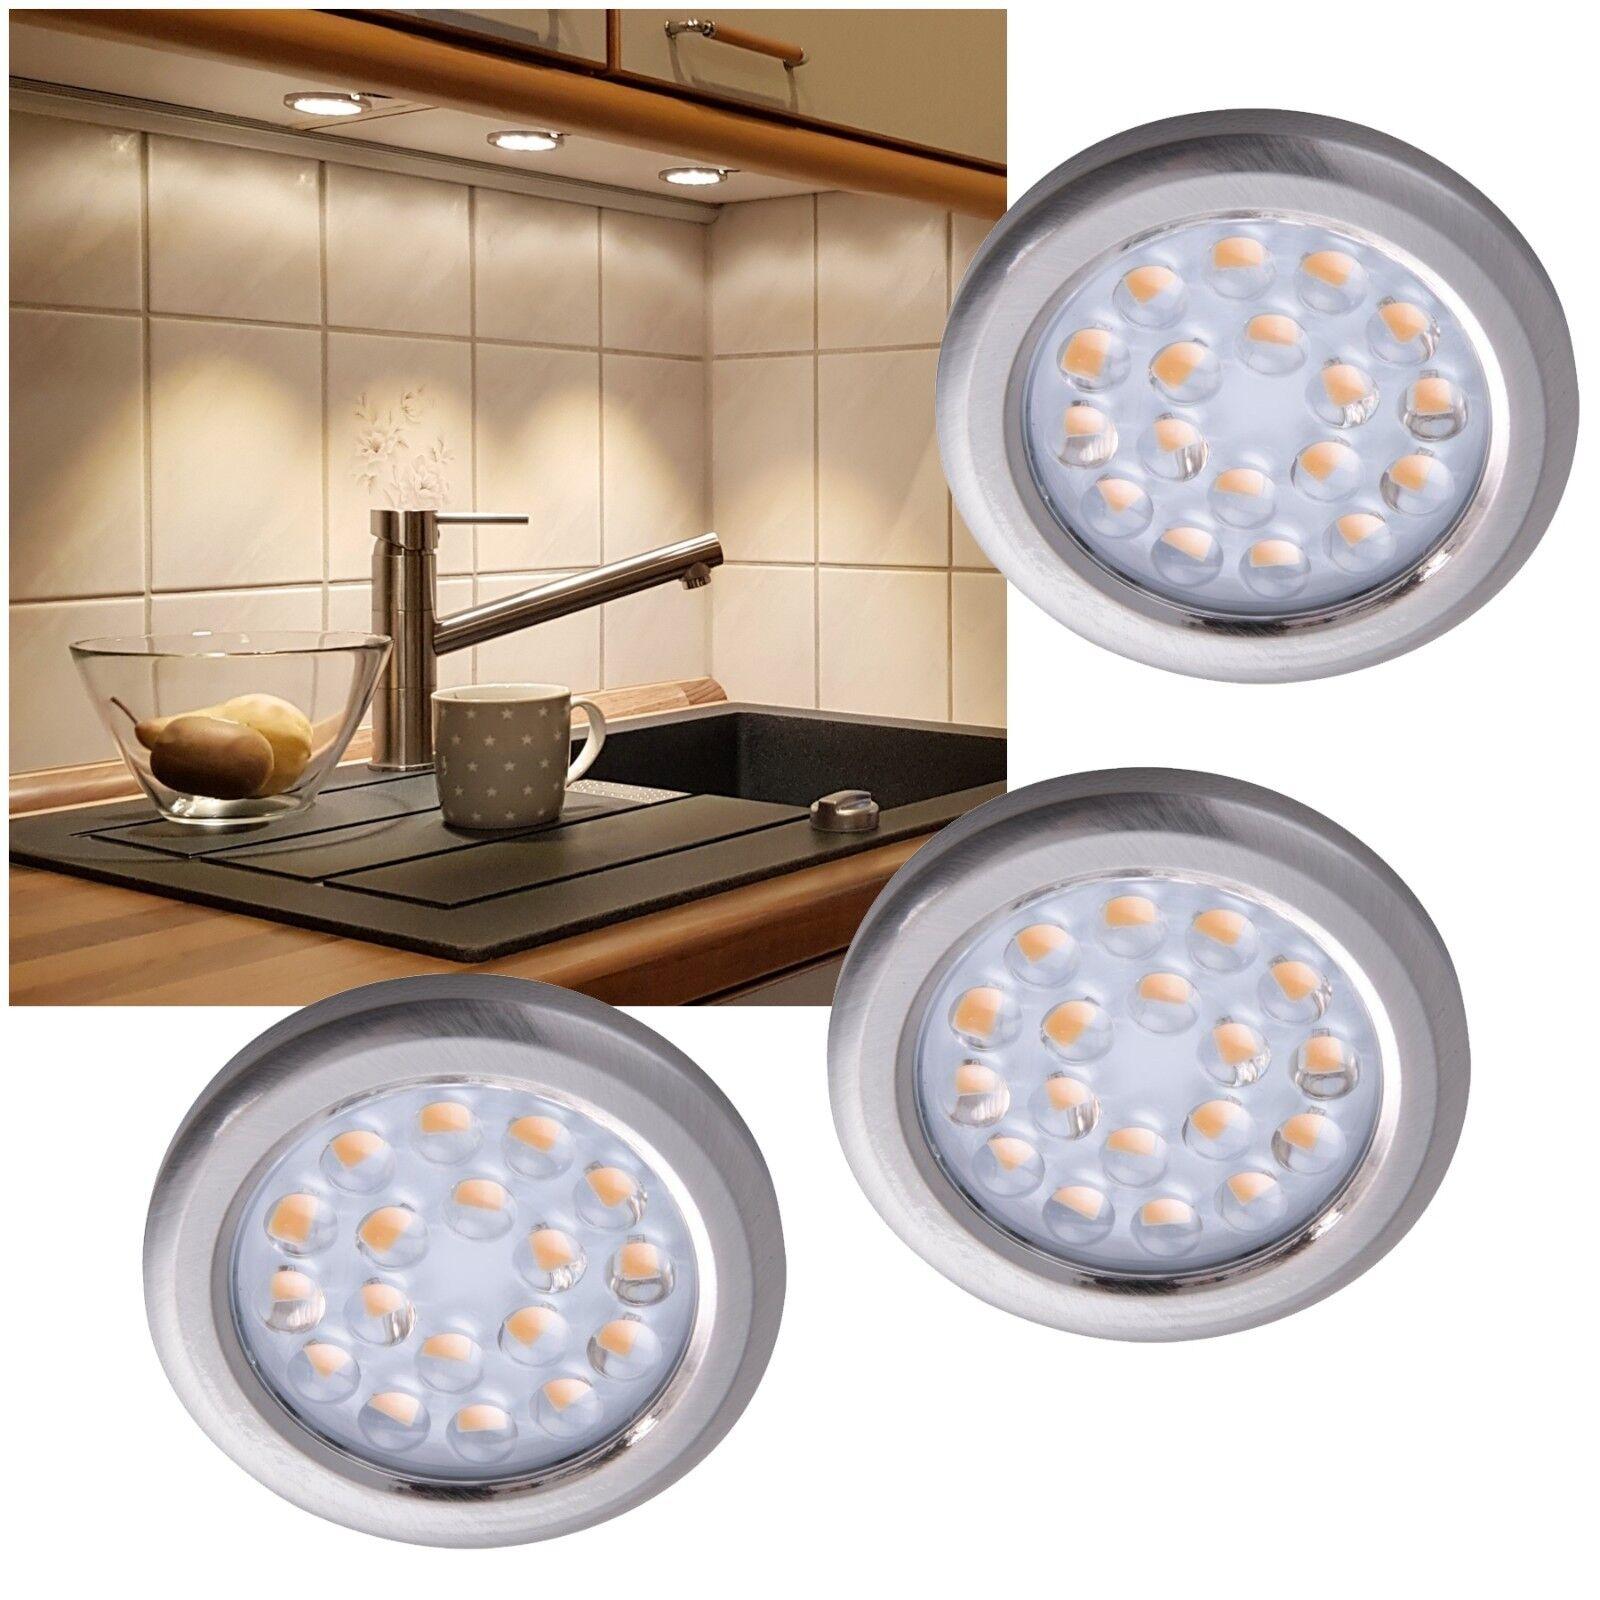 LED Aufbauleuchte Set EEK  A 183 366lm 230V 3,6W slim flach Küchen Möbel-Leuchte     | Überlegen  | Zu verkaufen  | Verkaufspreis